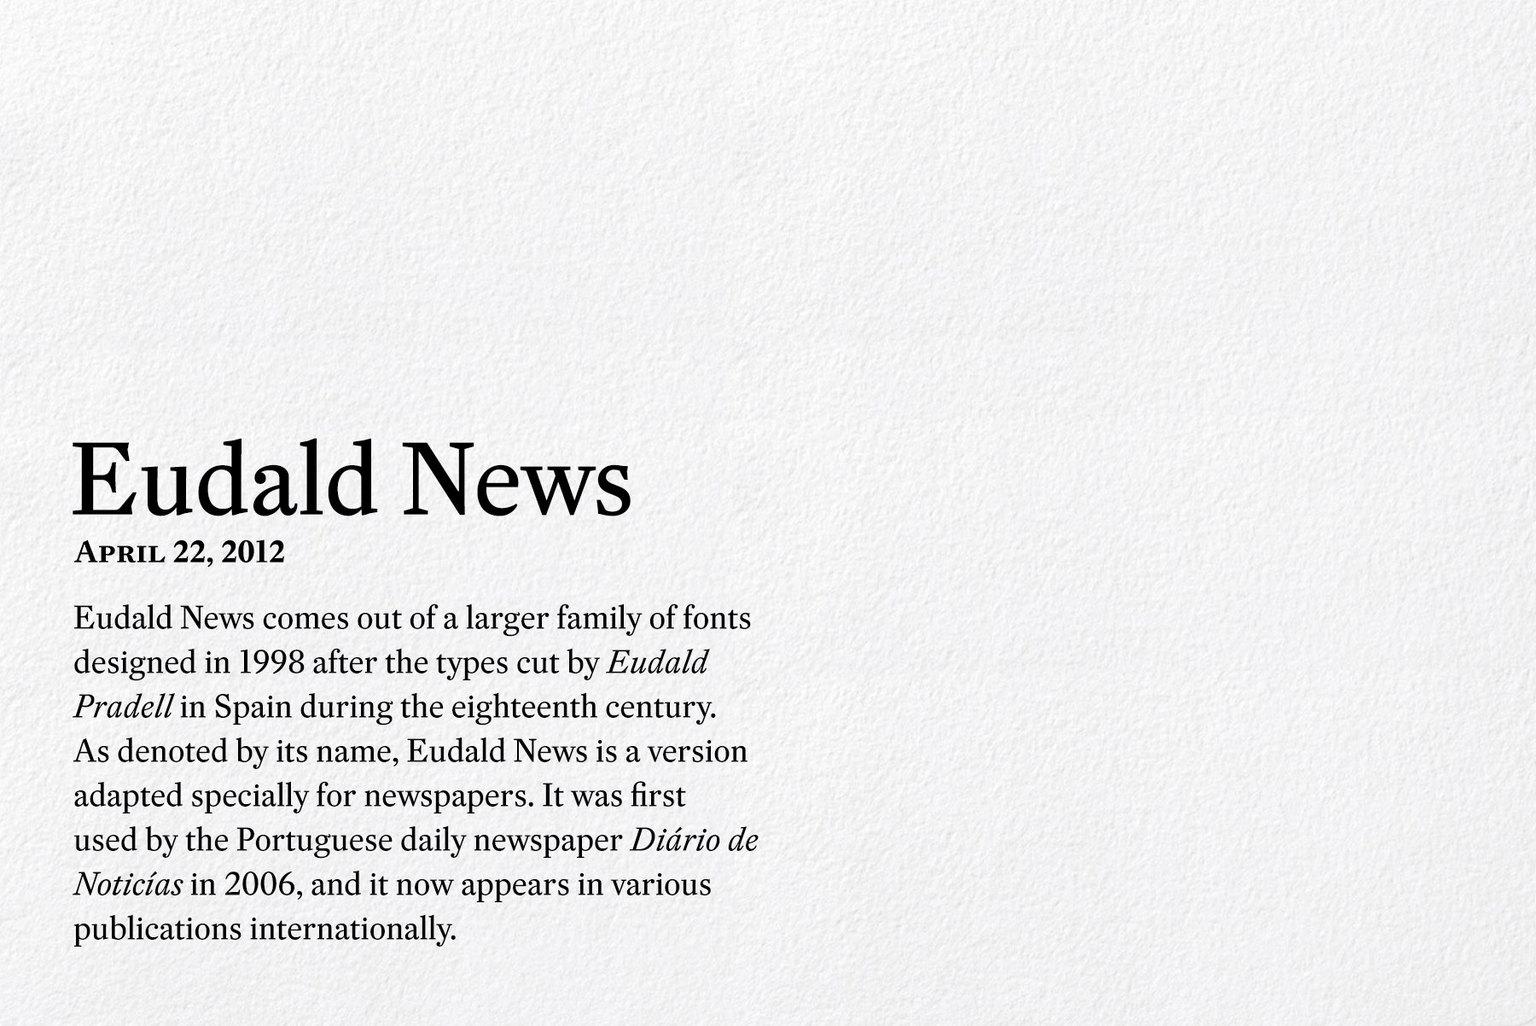 Vllg feliciano news eudaldnews